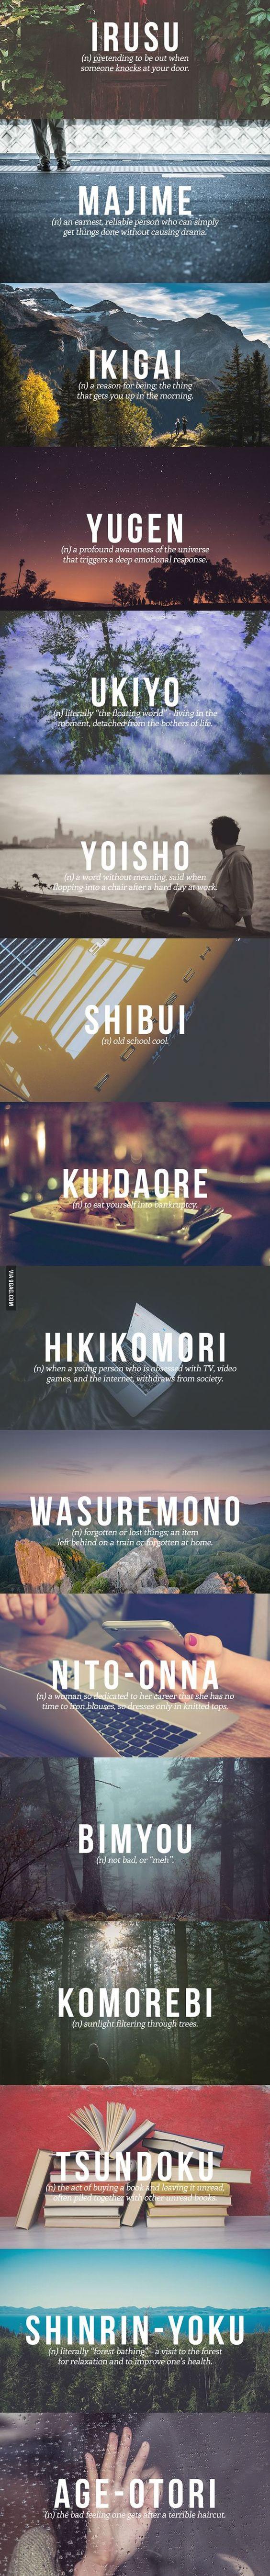 Turning Japanese, I really think so.